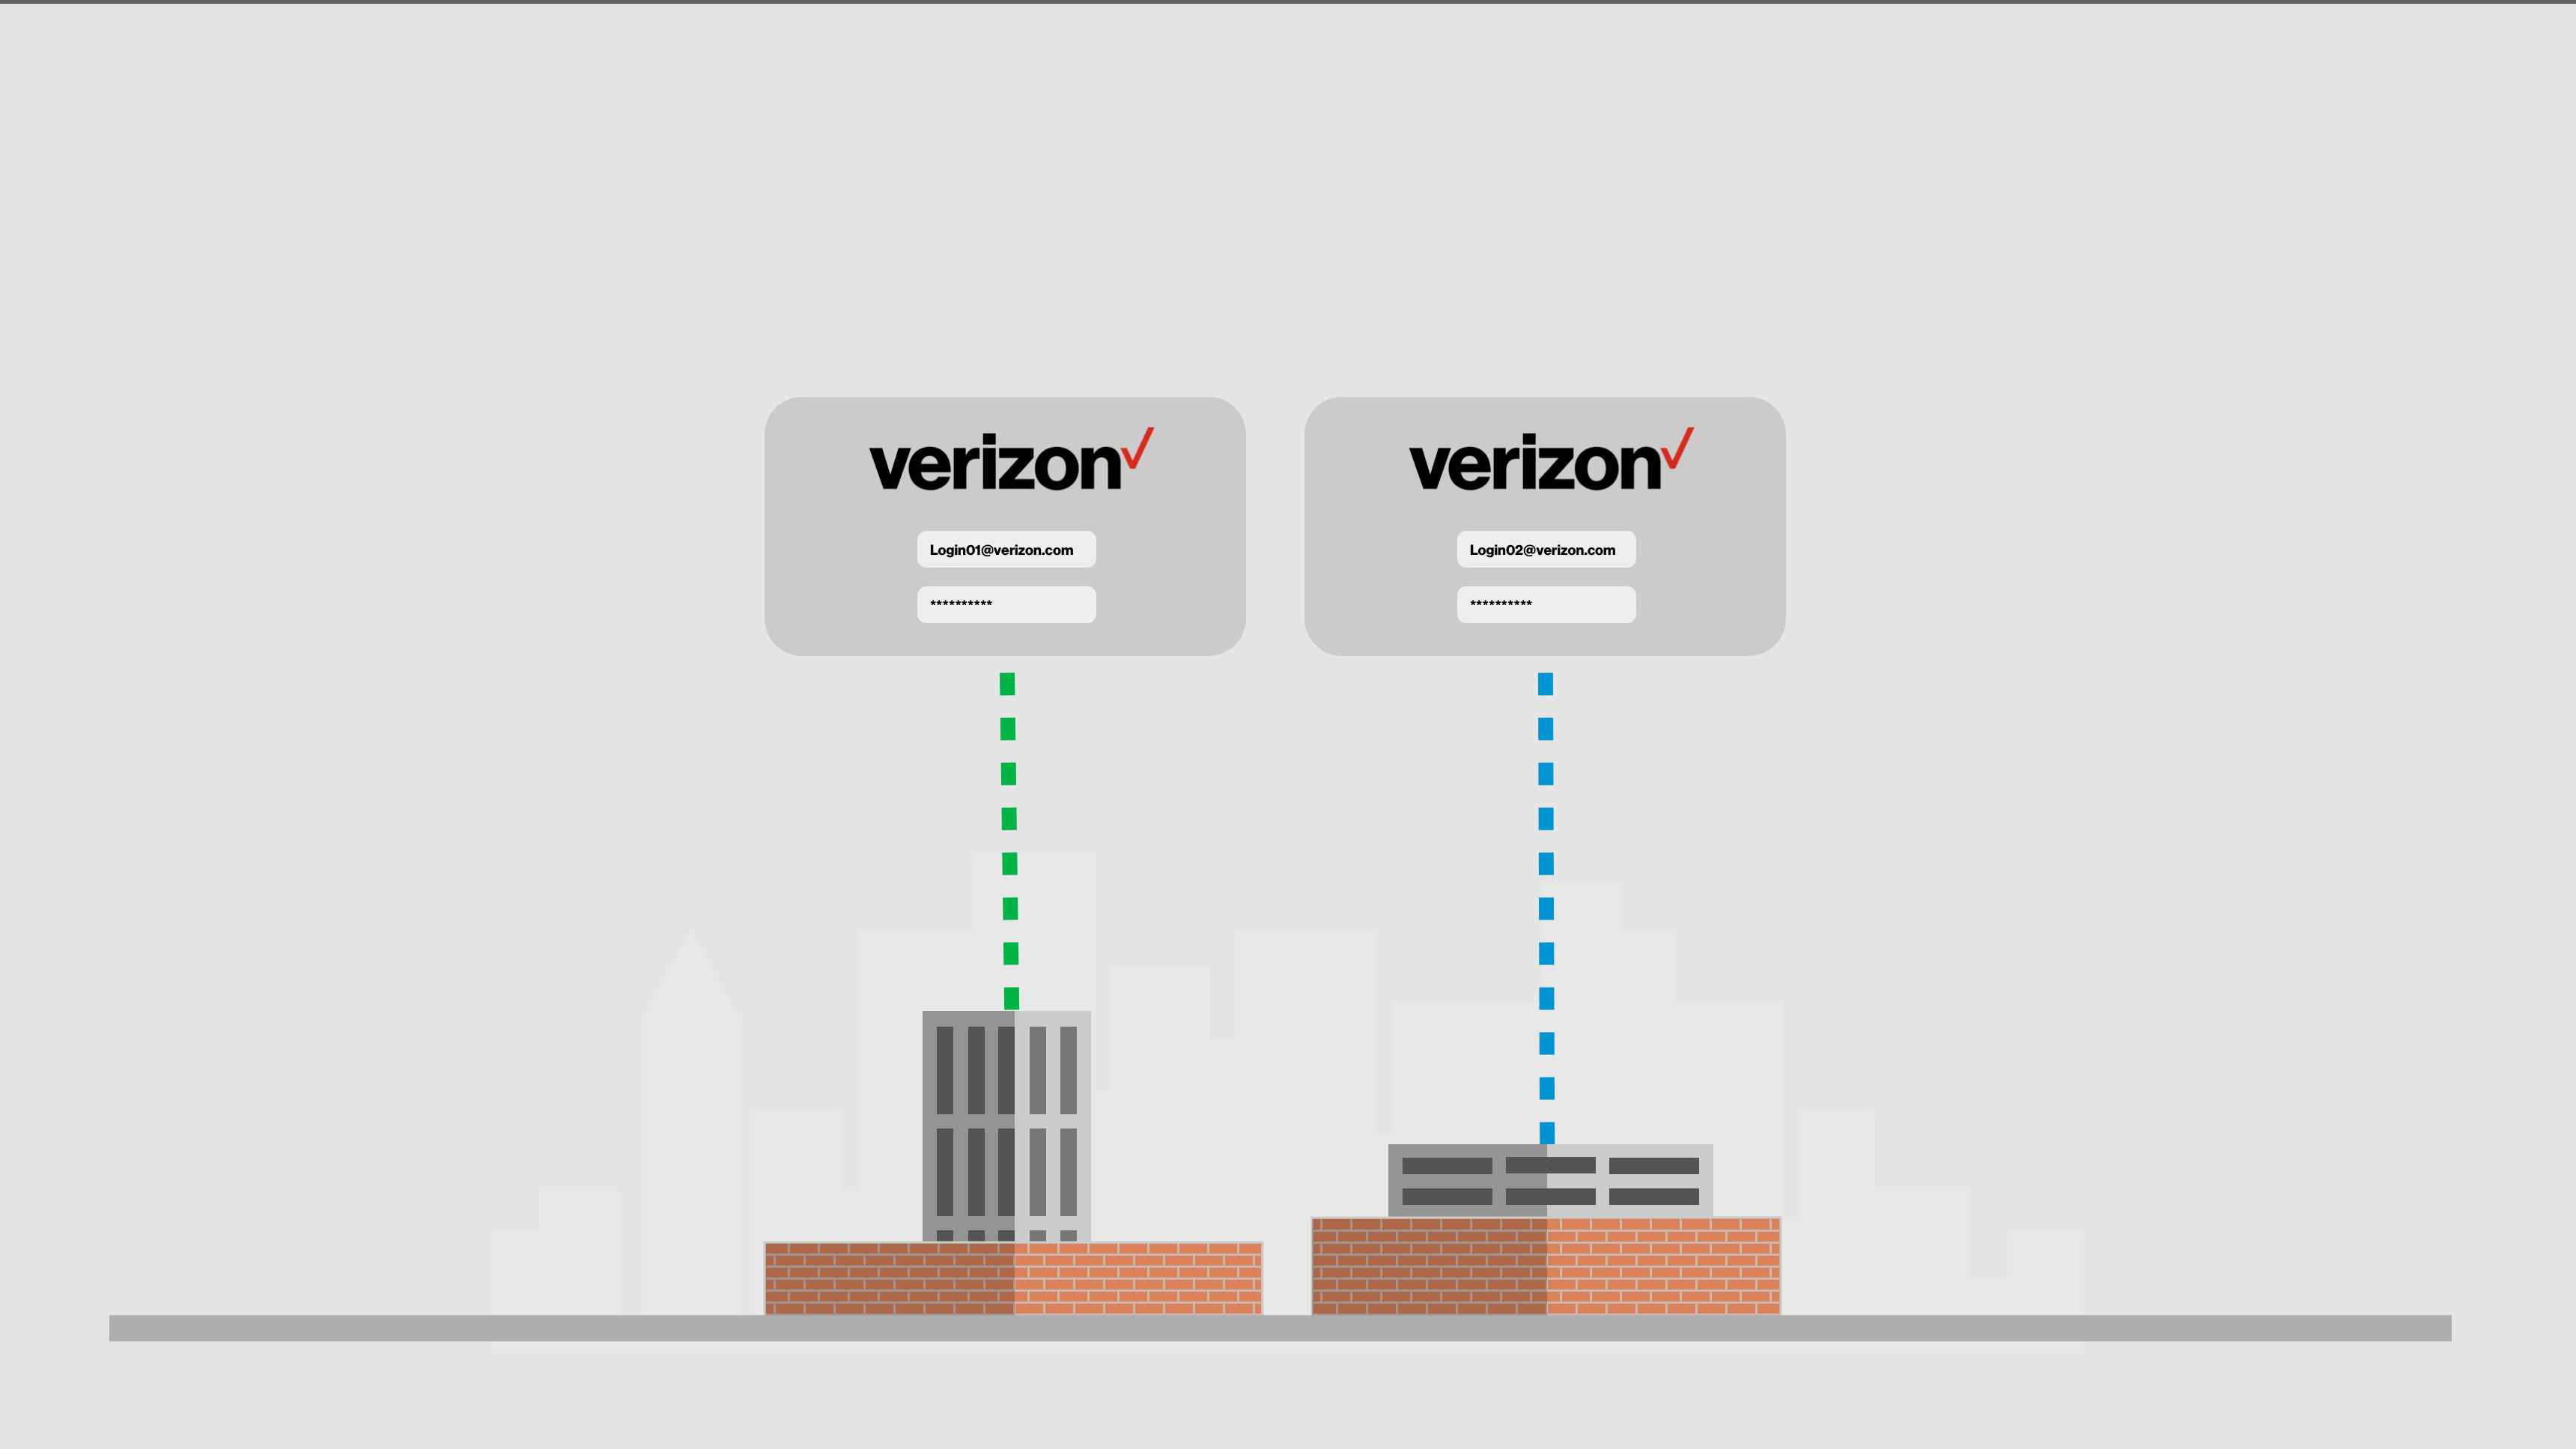 Verizon —2.0